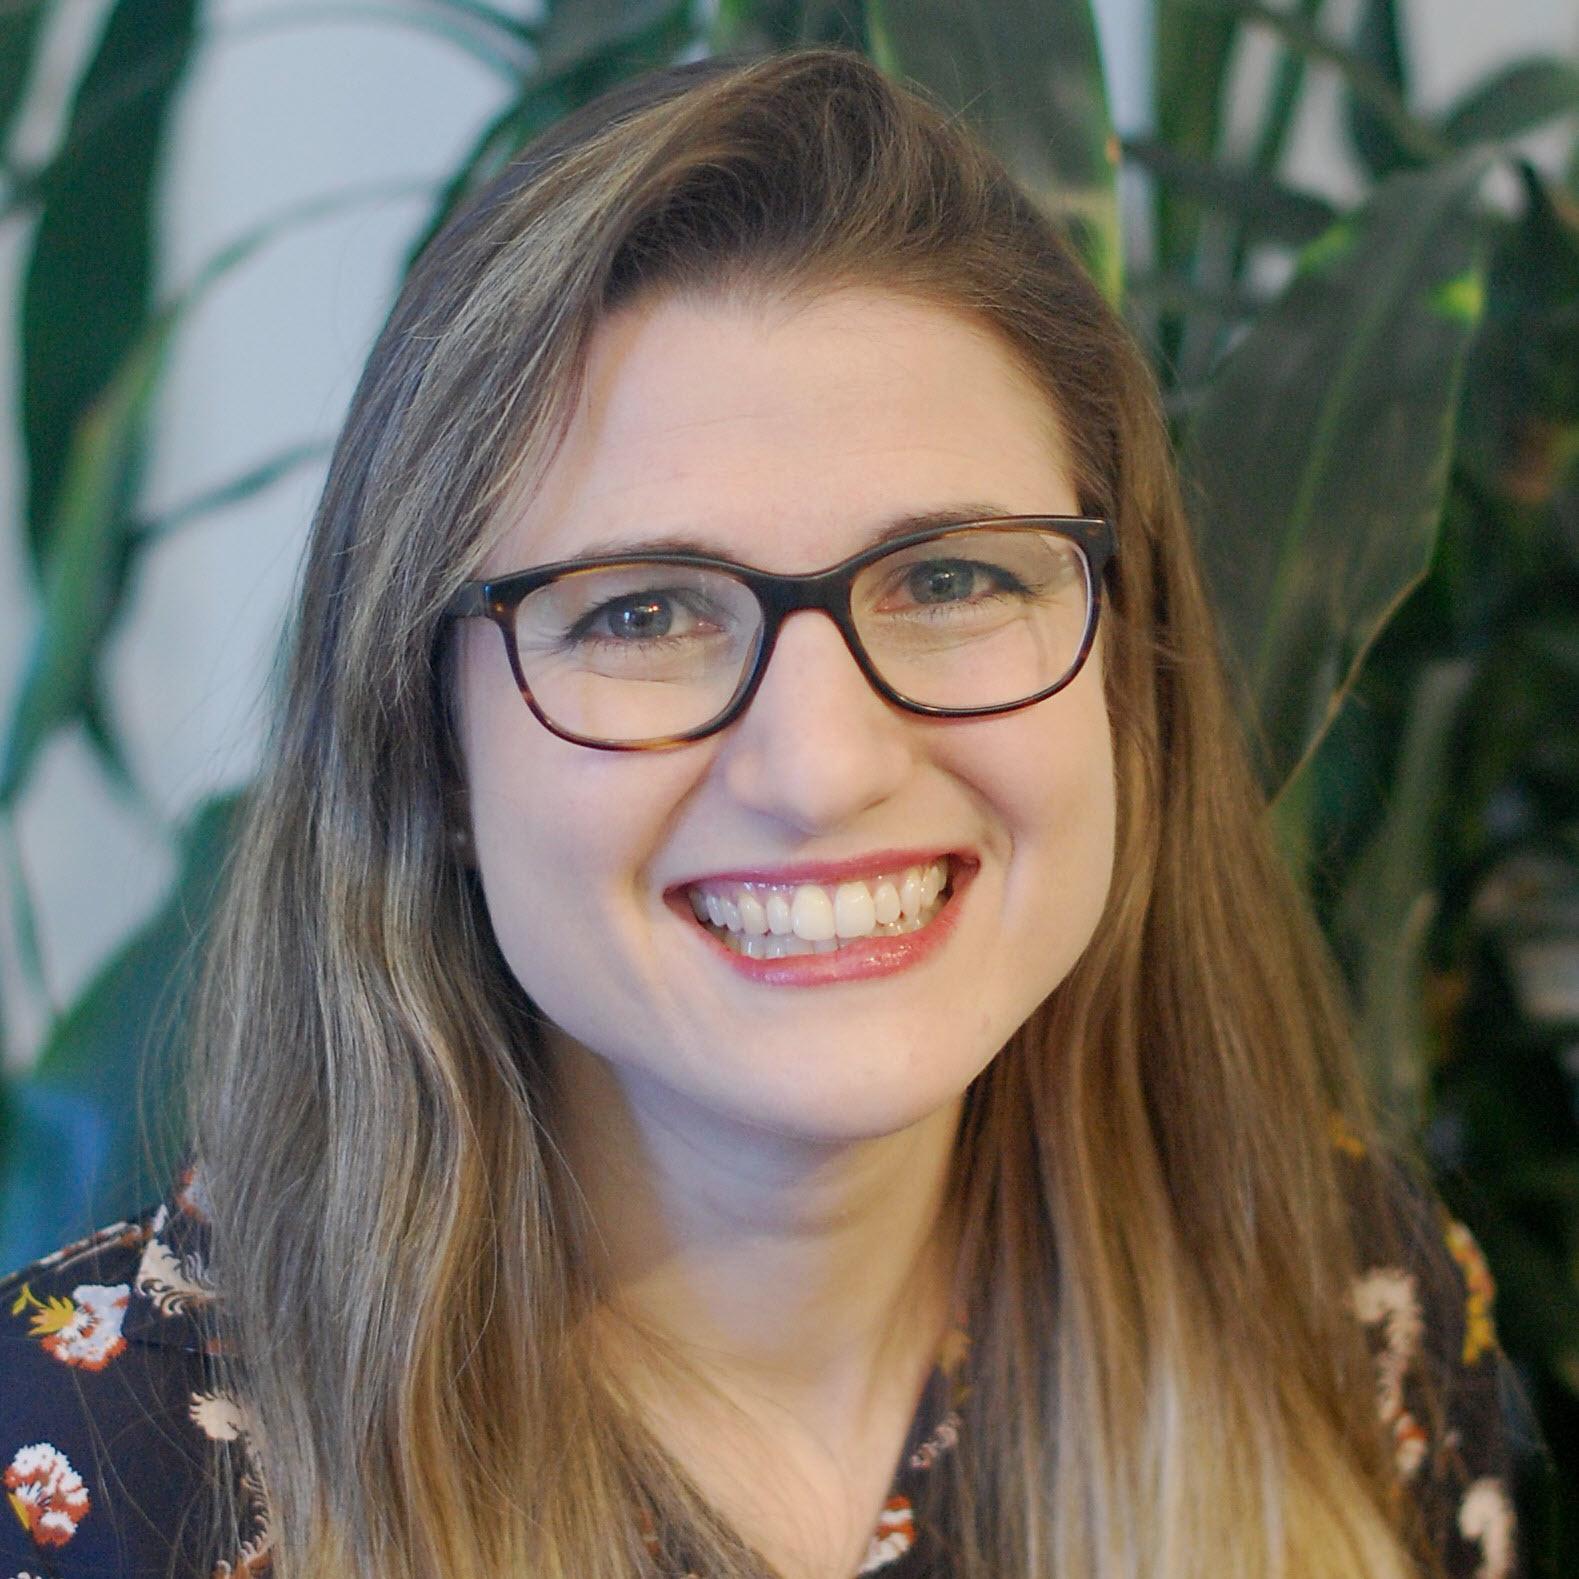 Danielle Segal